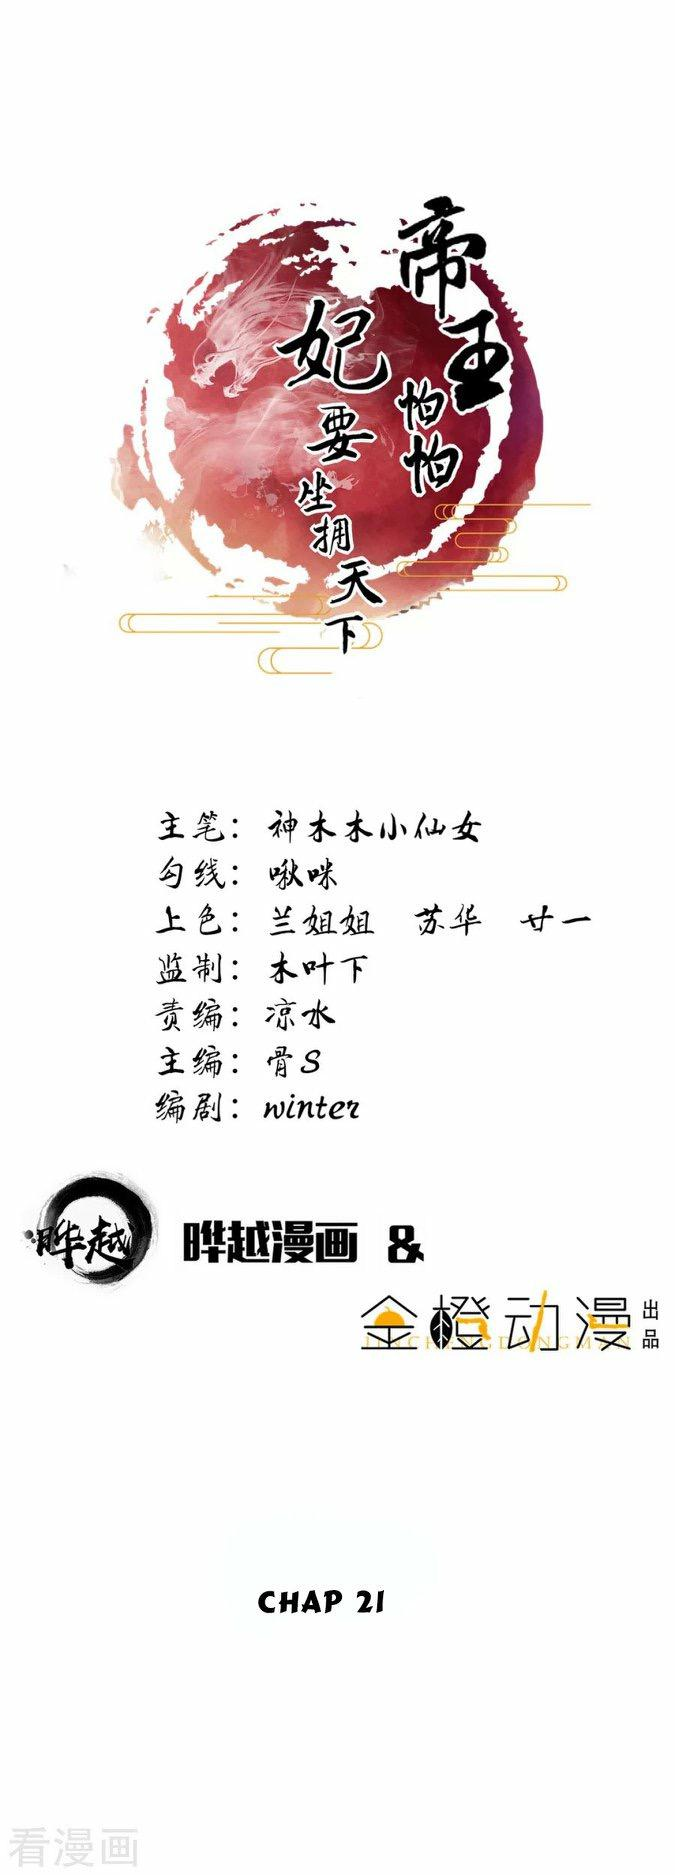 Đế Vương Sợ Vương Phi Muốn Sở Hữu Thiên Hạ chap 21 - Trang 1